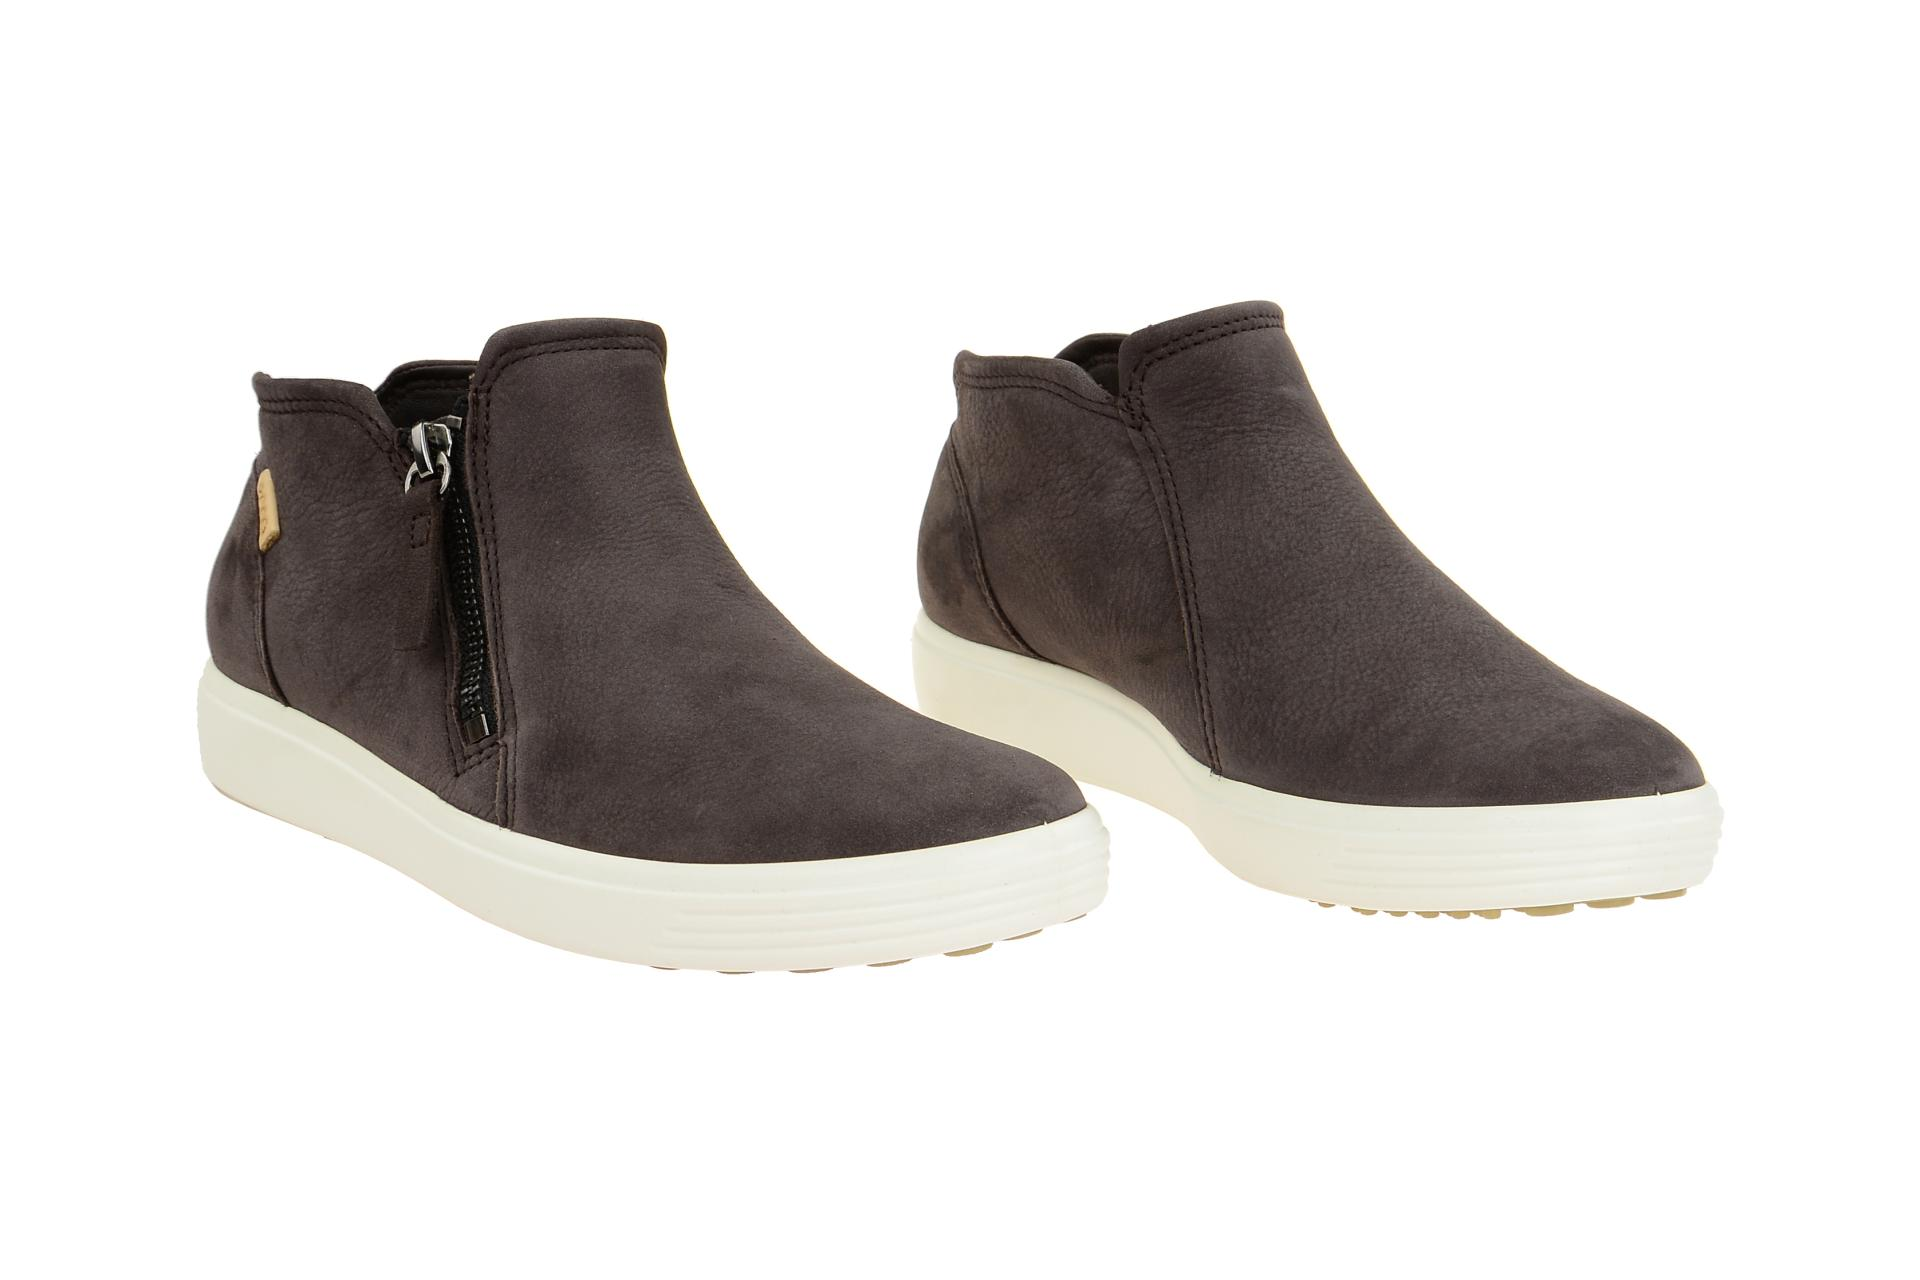 5af0138d676155 Ecco Schuhe SOFT 7 LADIES braun Damenschuhe bequeme Slipper 43024350668 NEU